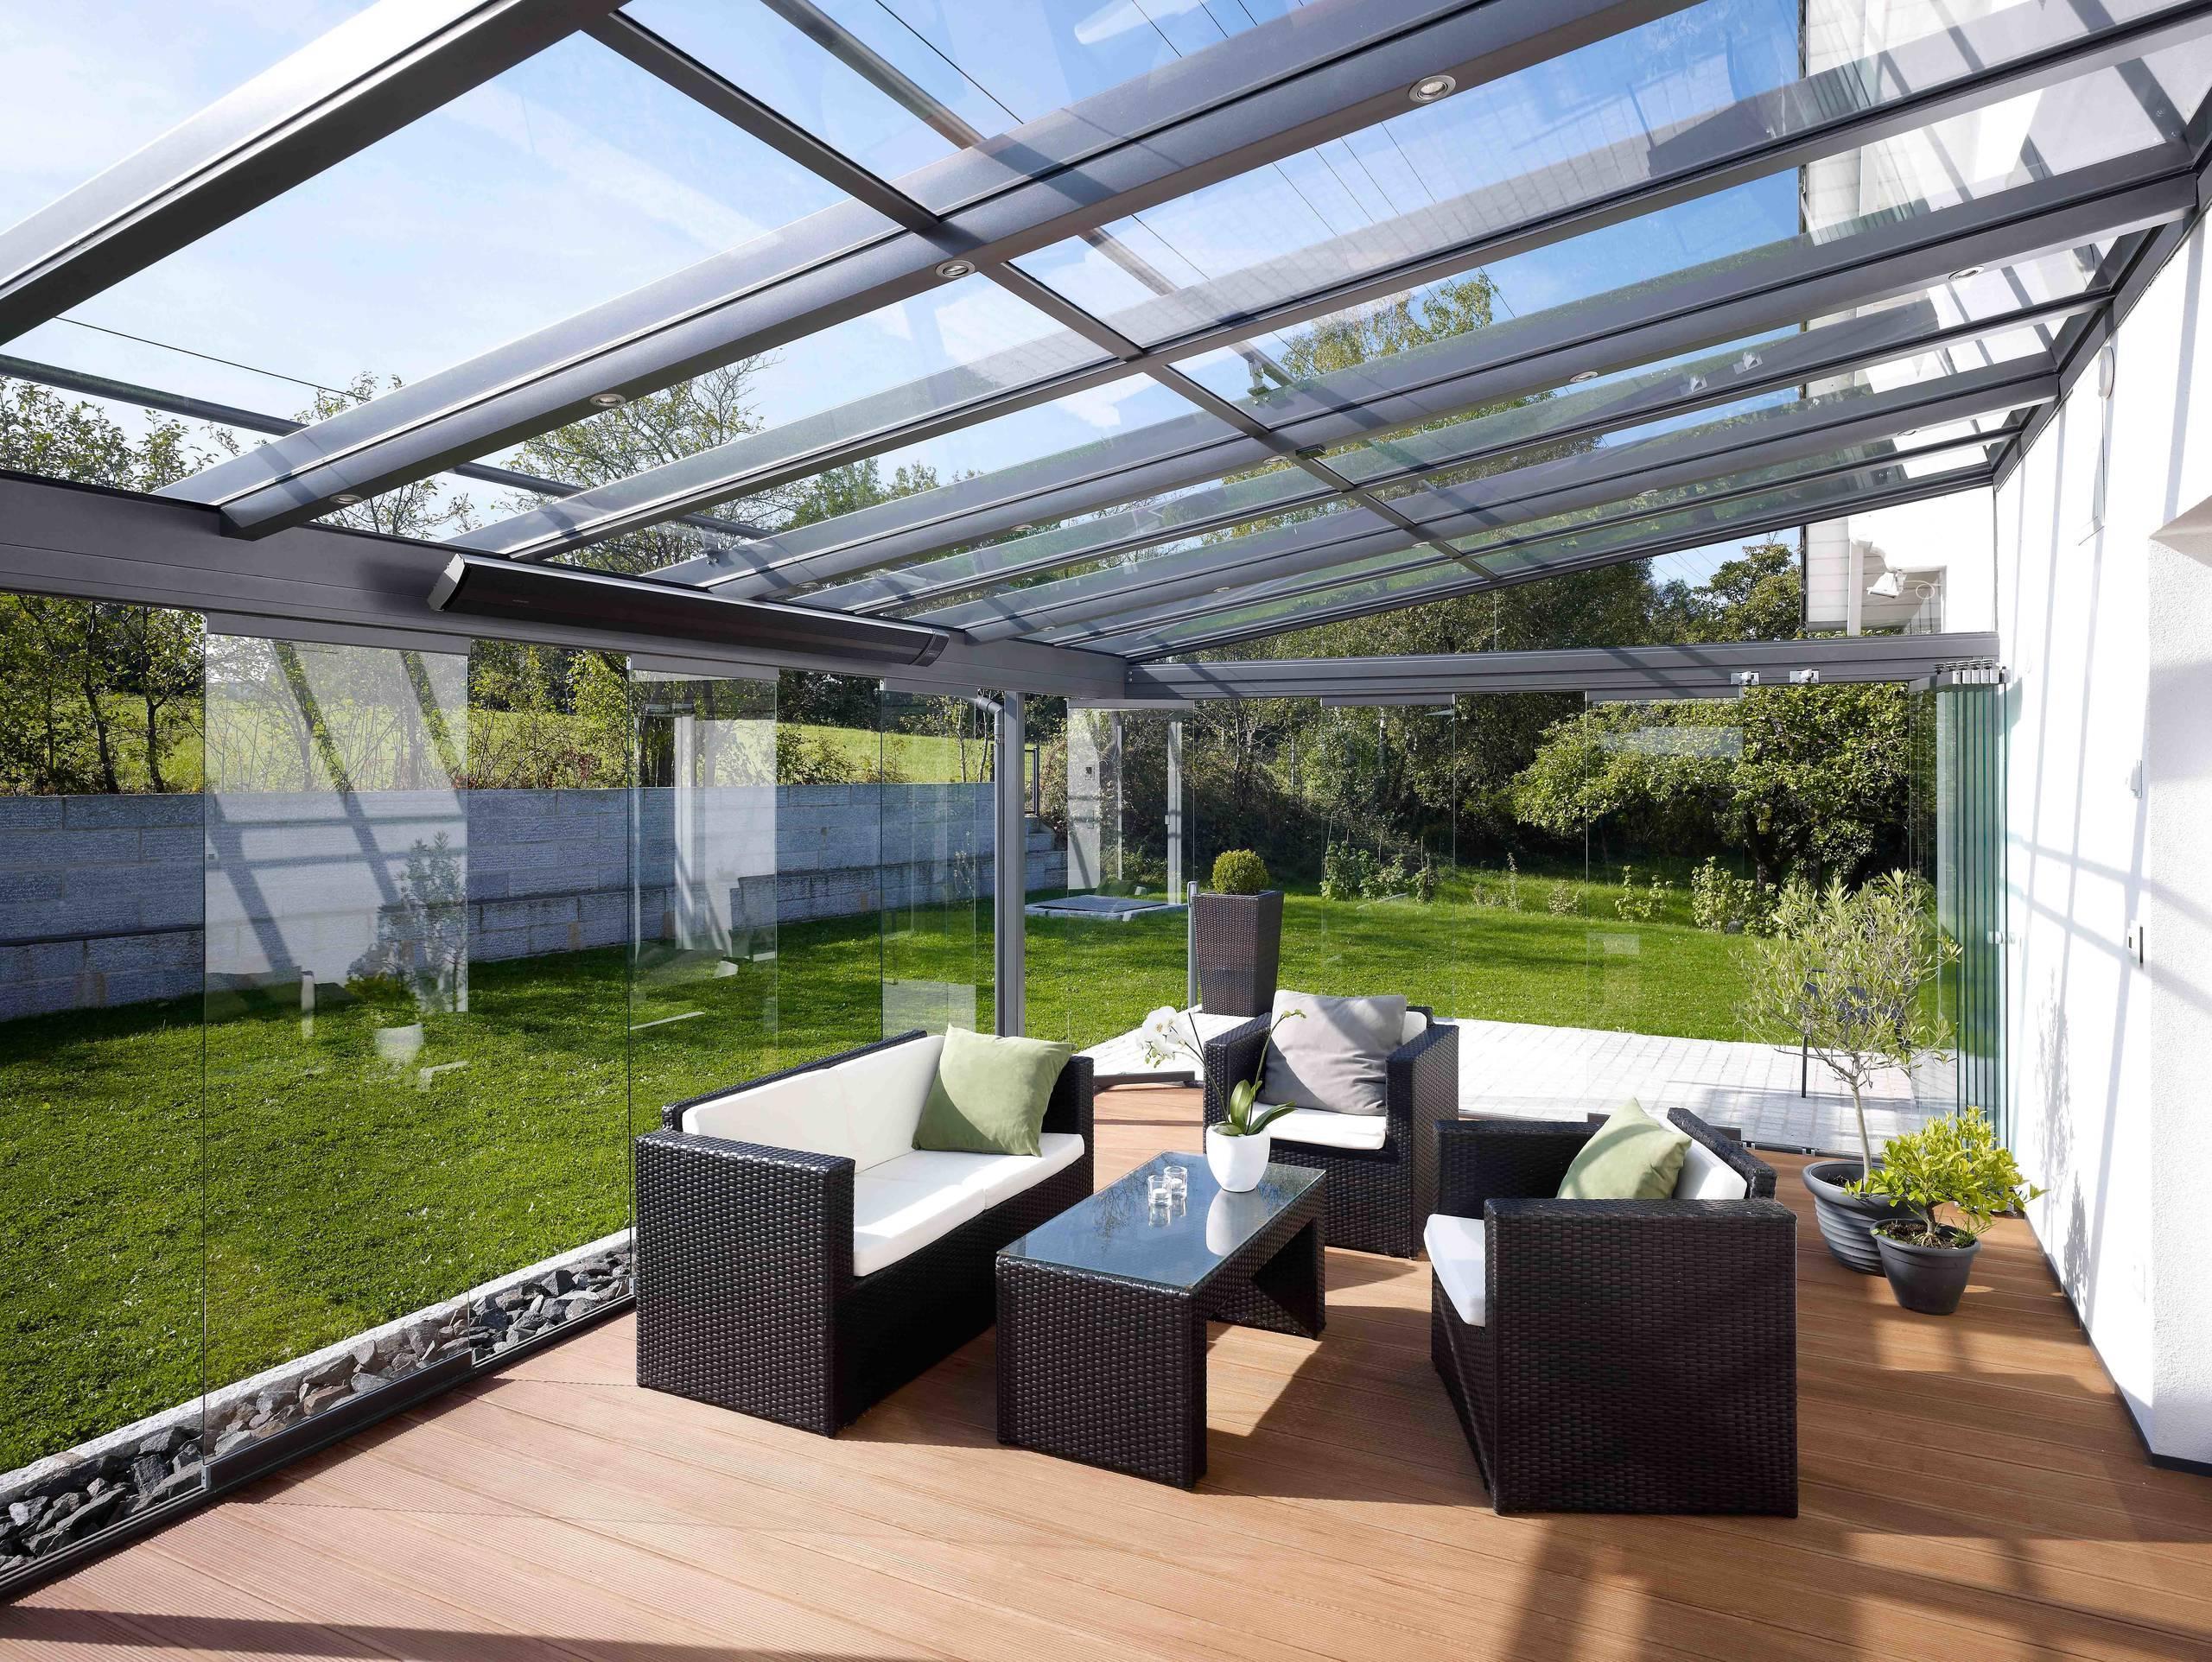 Wohnen im Freien: Loungemöbel für jeden Geschmack